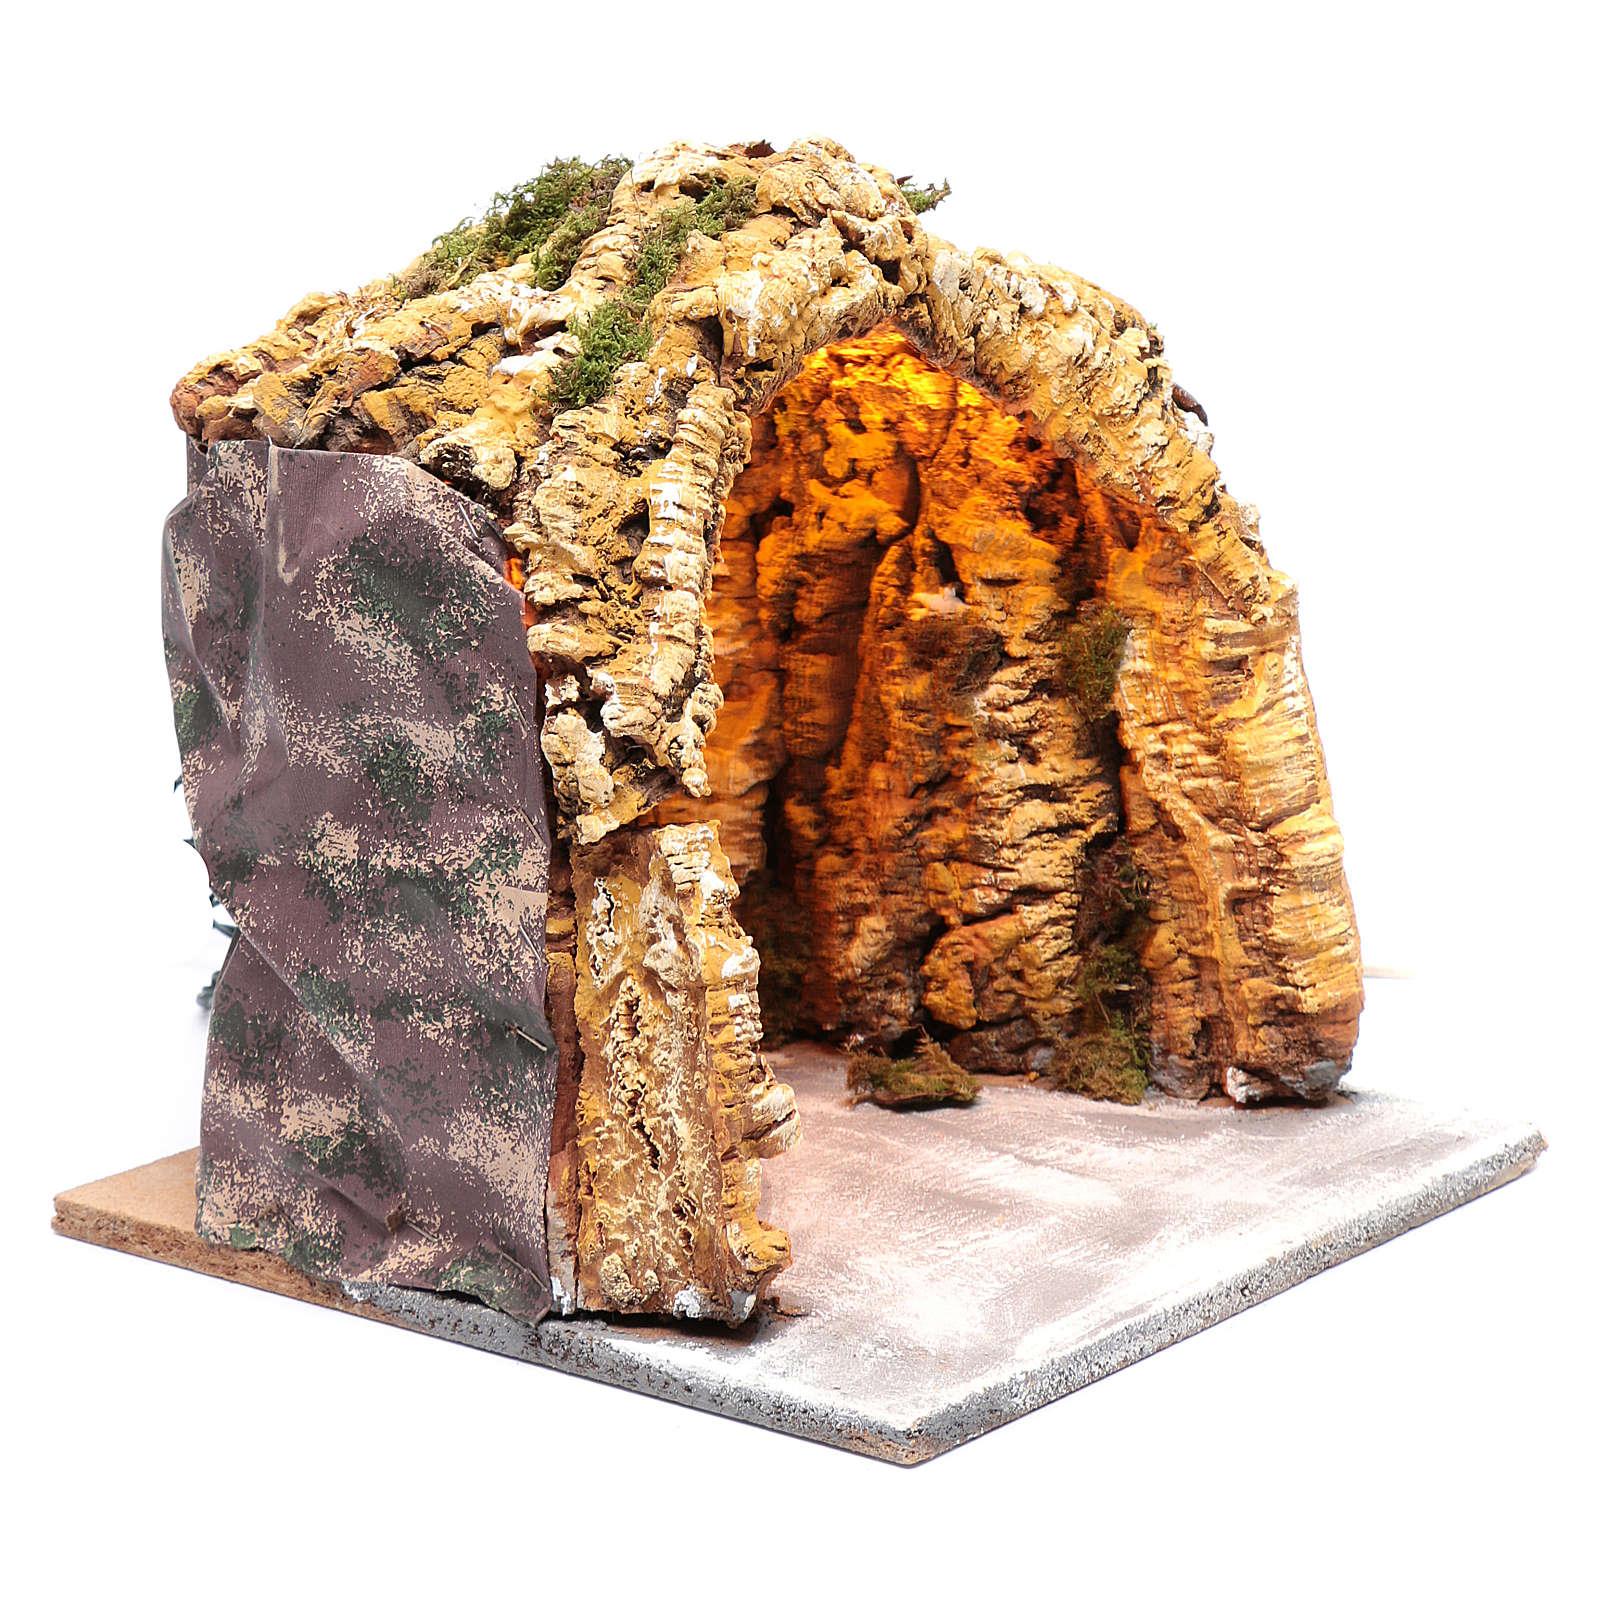 Cueva iluminada madera y corcho belén napolitano 30x30x30 cm 4